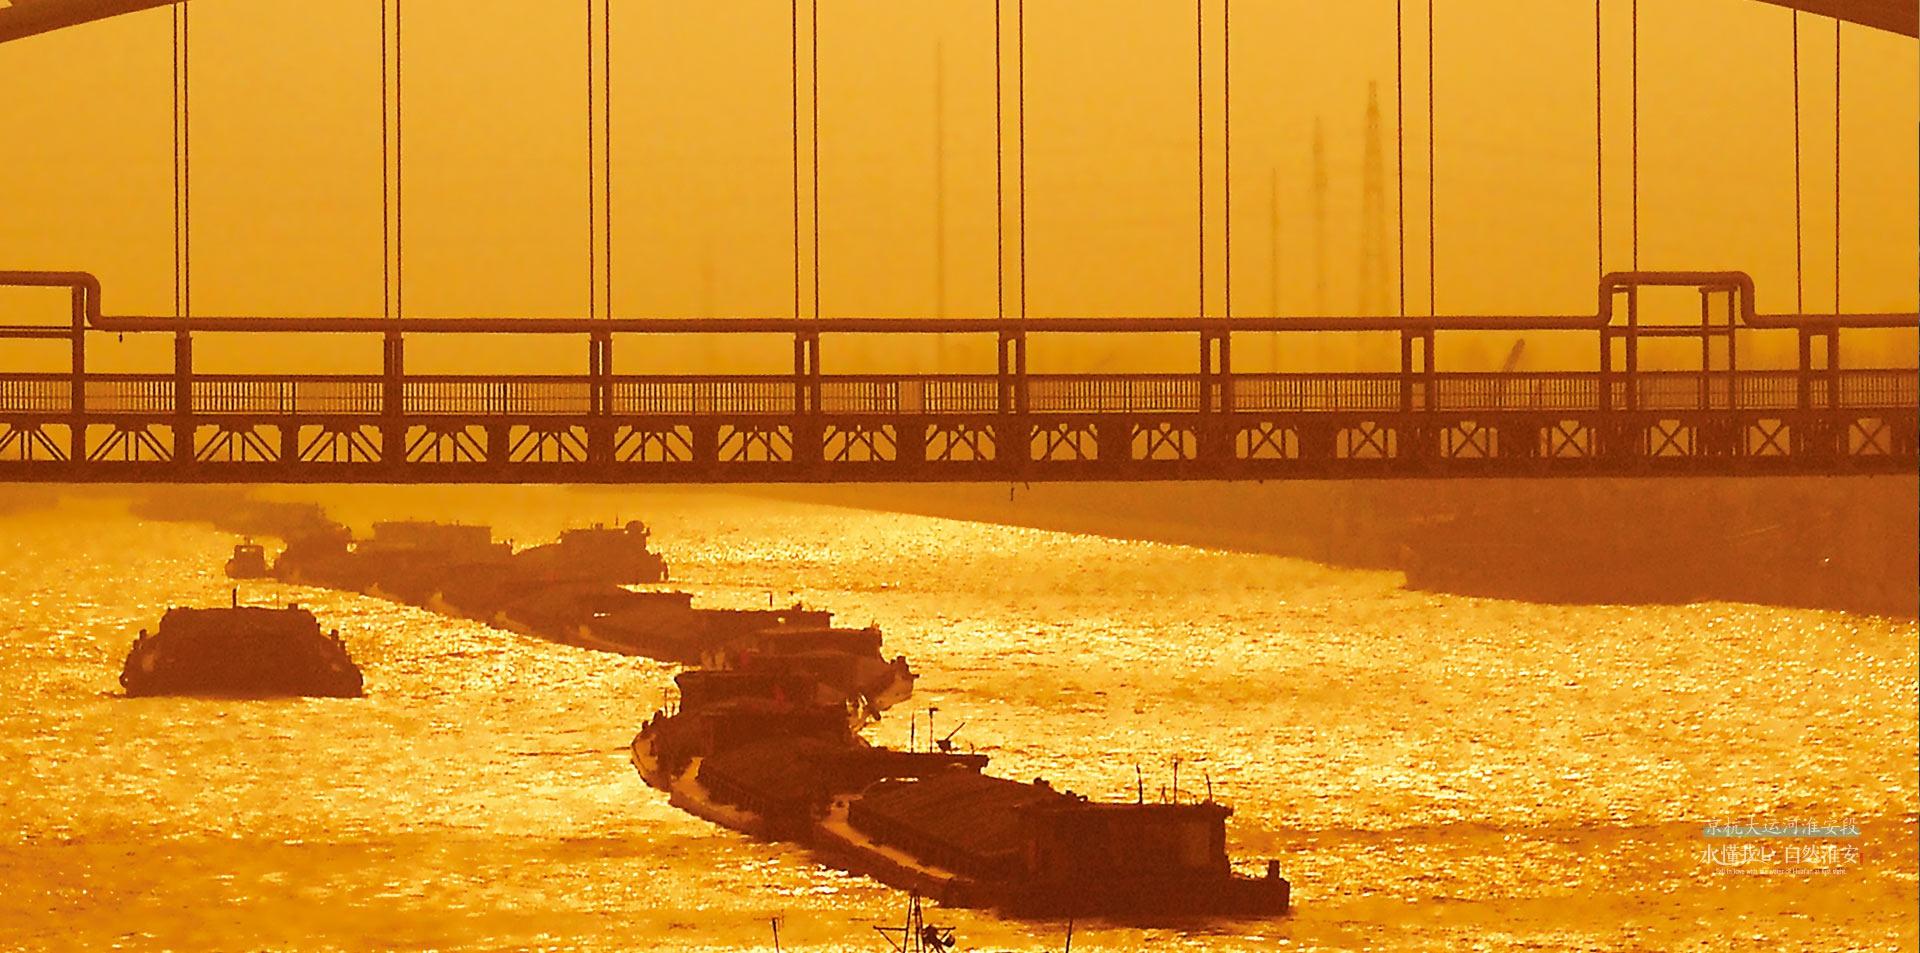 大运河文化带建设